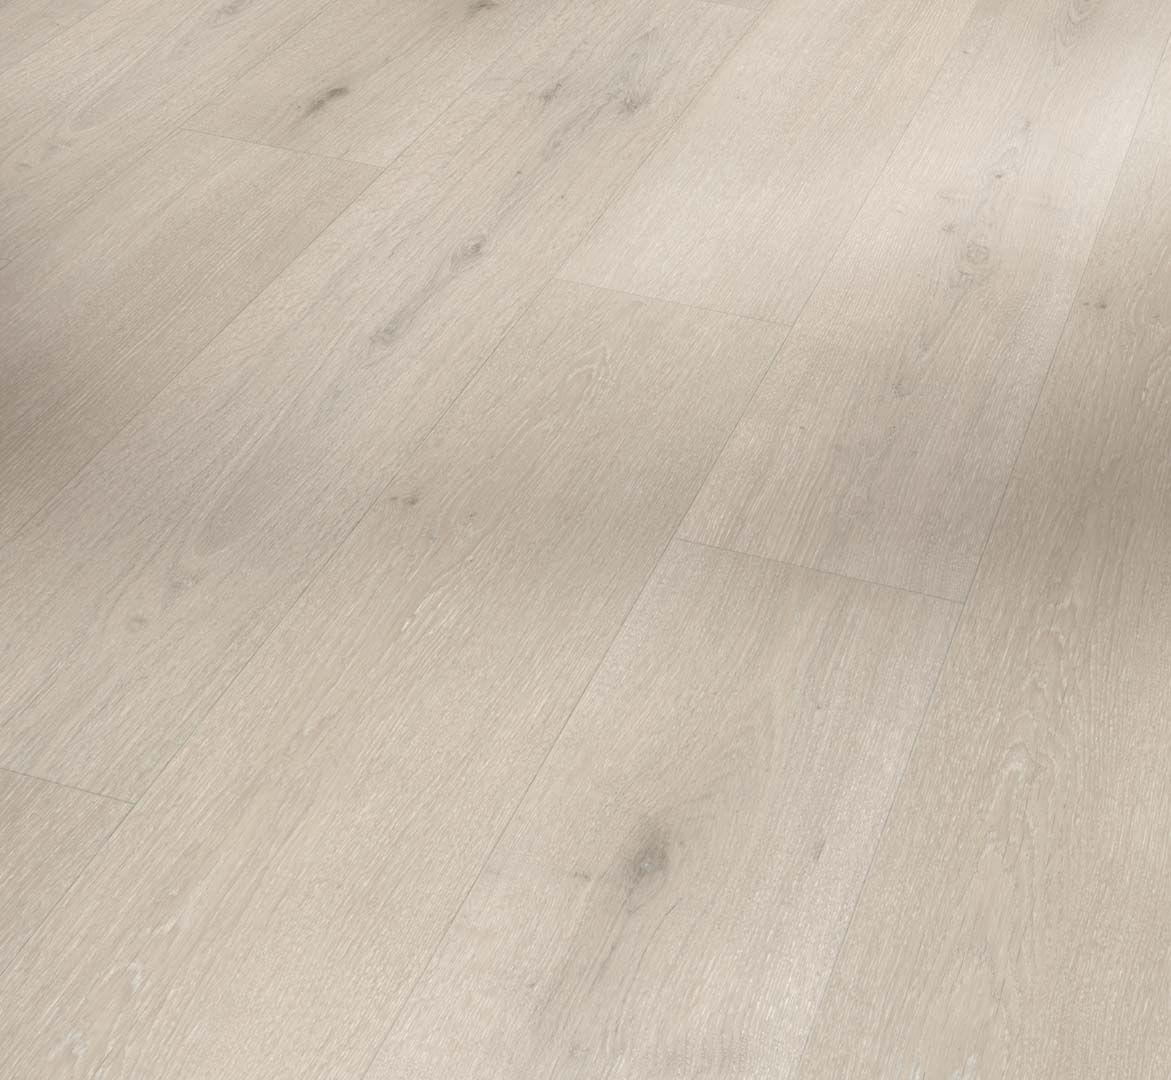 Oak Urban white limed